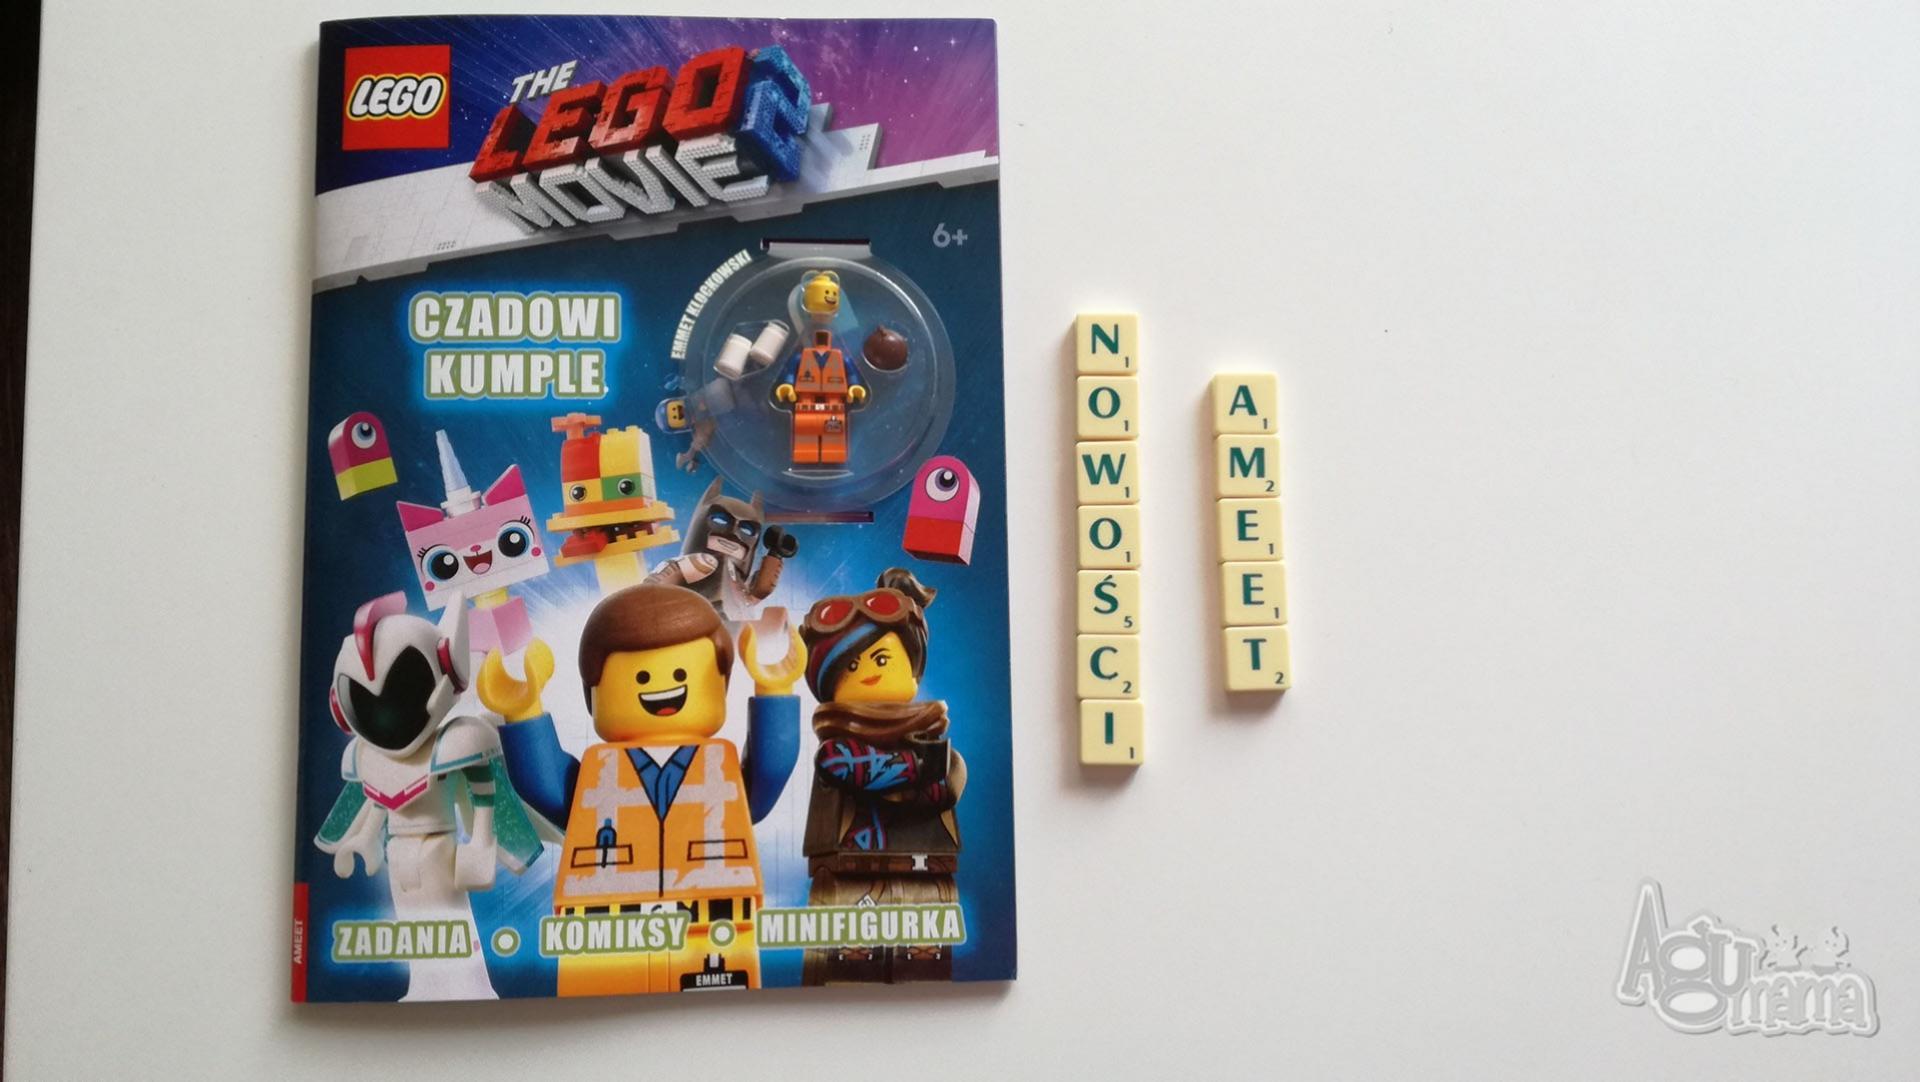 nowości Ameet zeszyt LEGO czadowi kumple